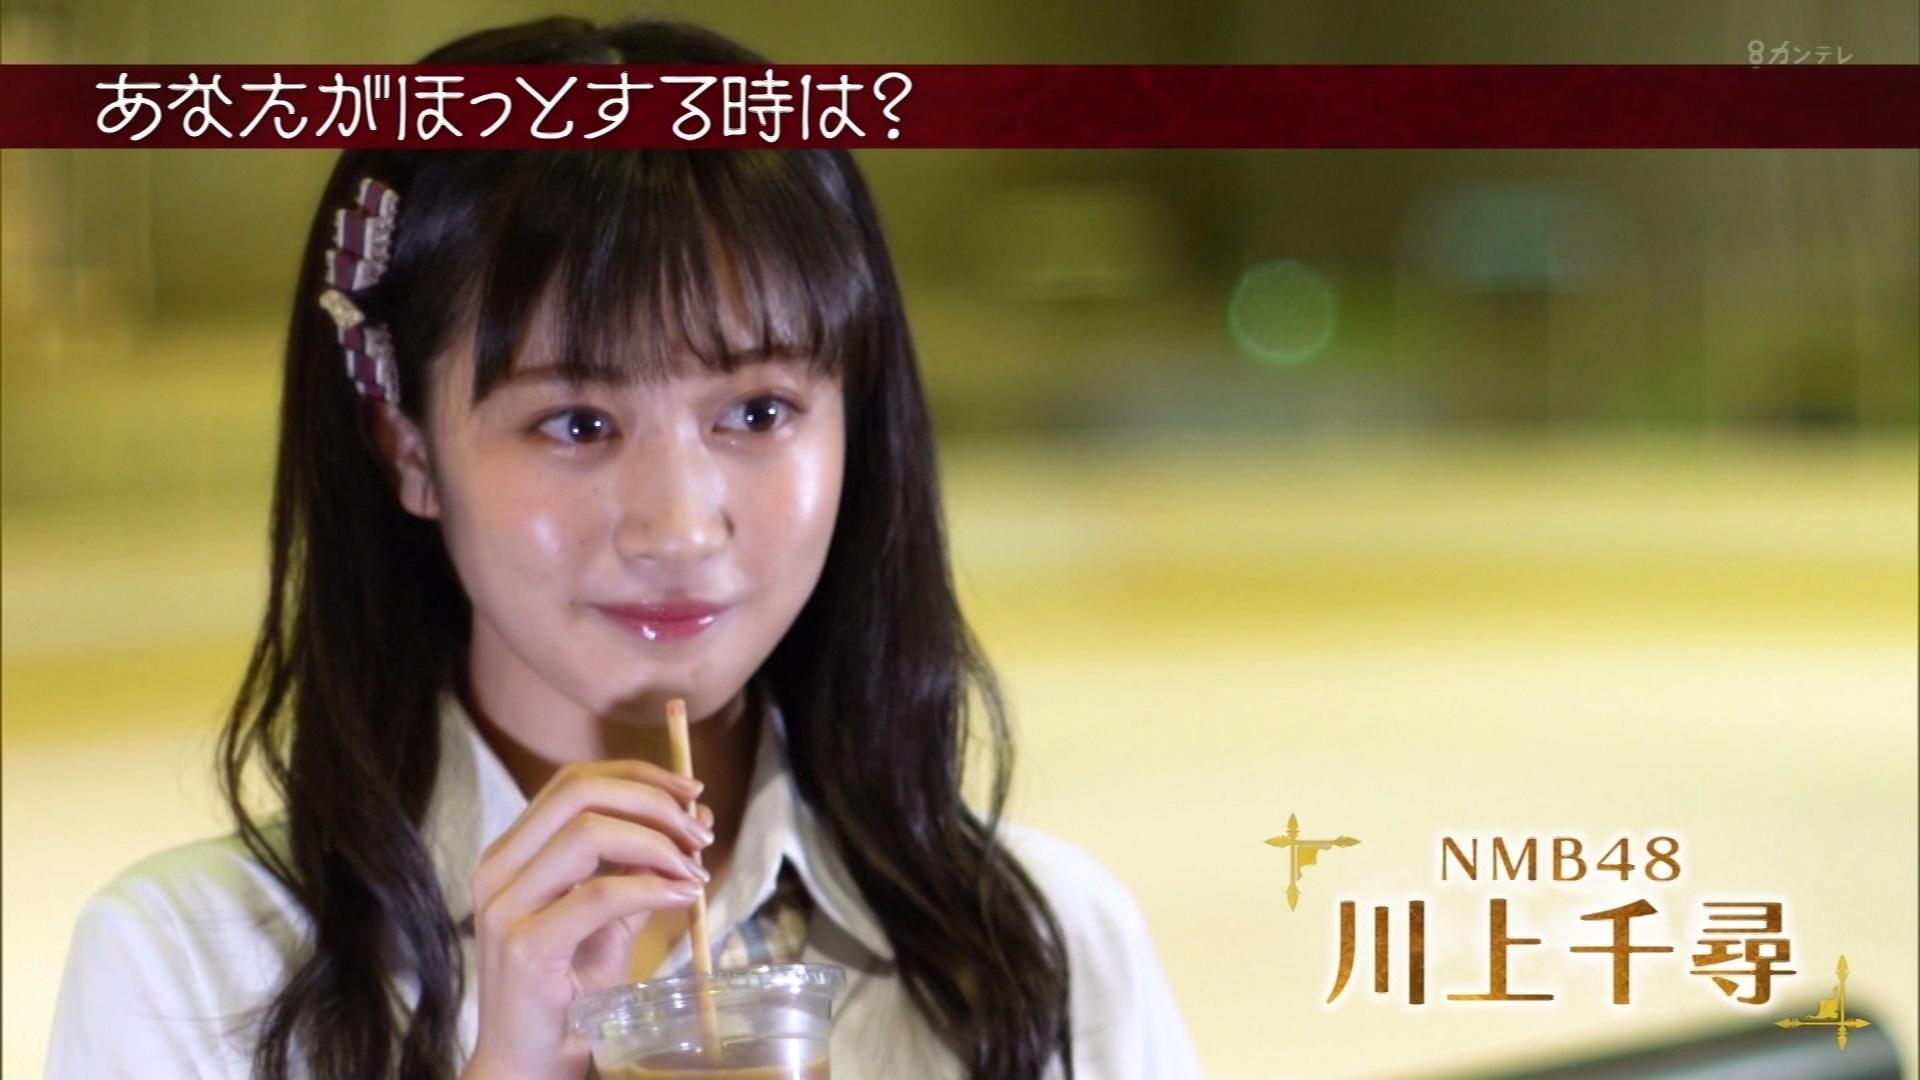 【川上千尋】ちっひーが出演した7月13日放送「ほっとするわ」の画像